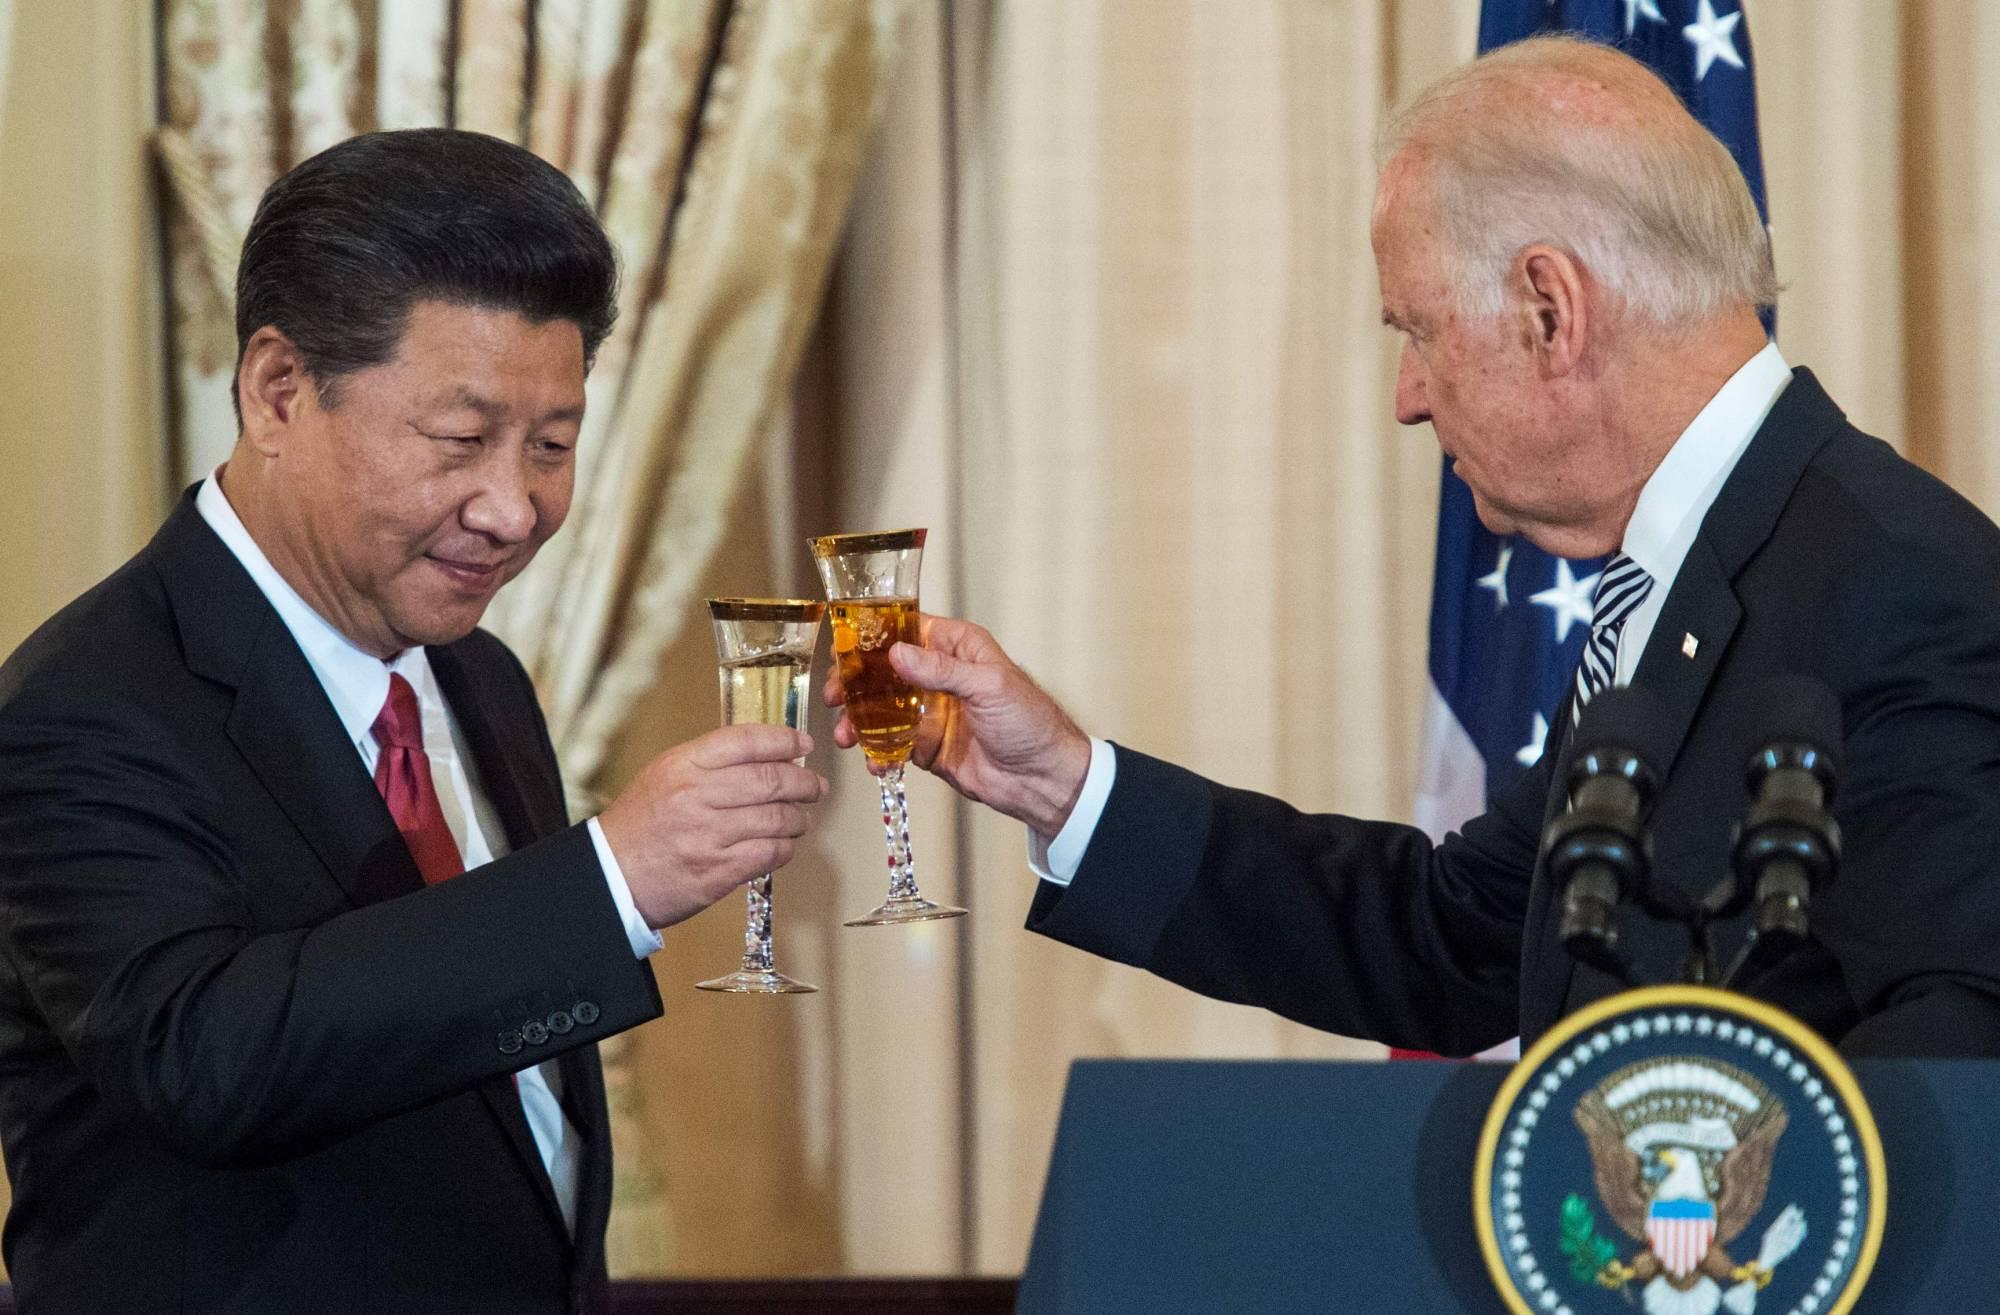 Cựu đại sứ Mỹ thừa nhận quan hệ Mỹ Trung đang ngày càng tồi tệ dưới thời ông Biden - Ảnh 1.